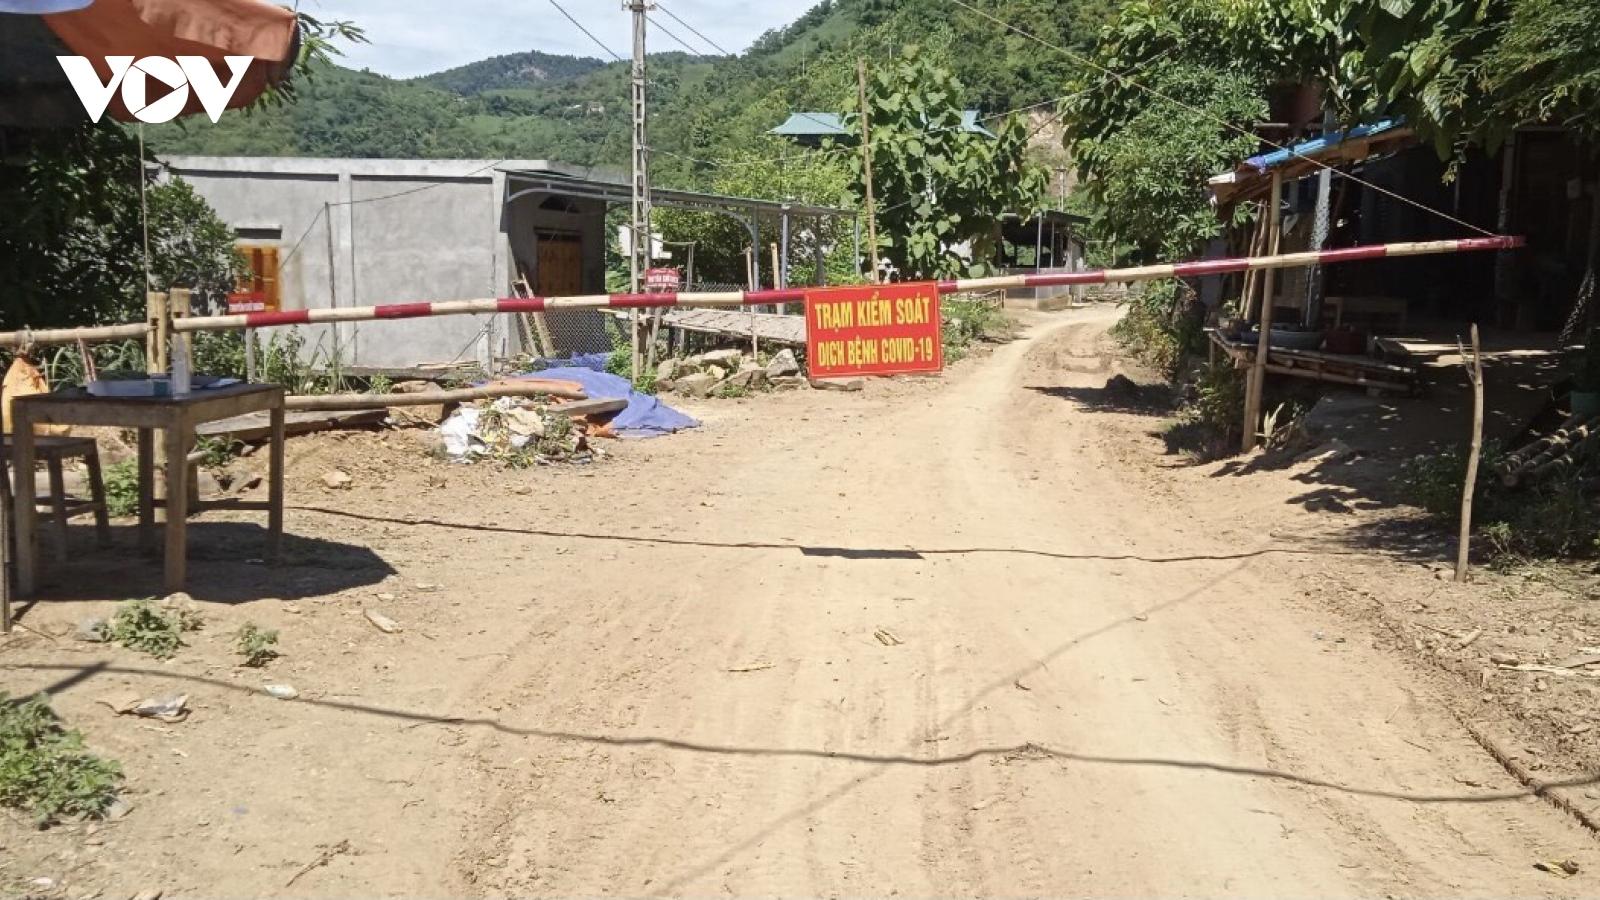 Sơn La tạm dừng hoạt động của các cơ sở lưu trú để phòng dịch